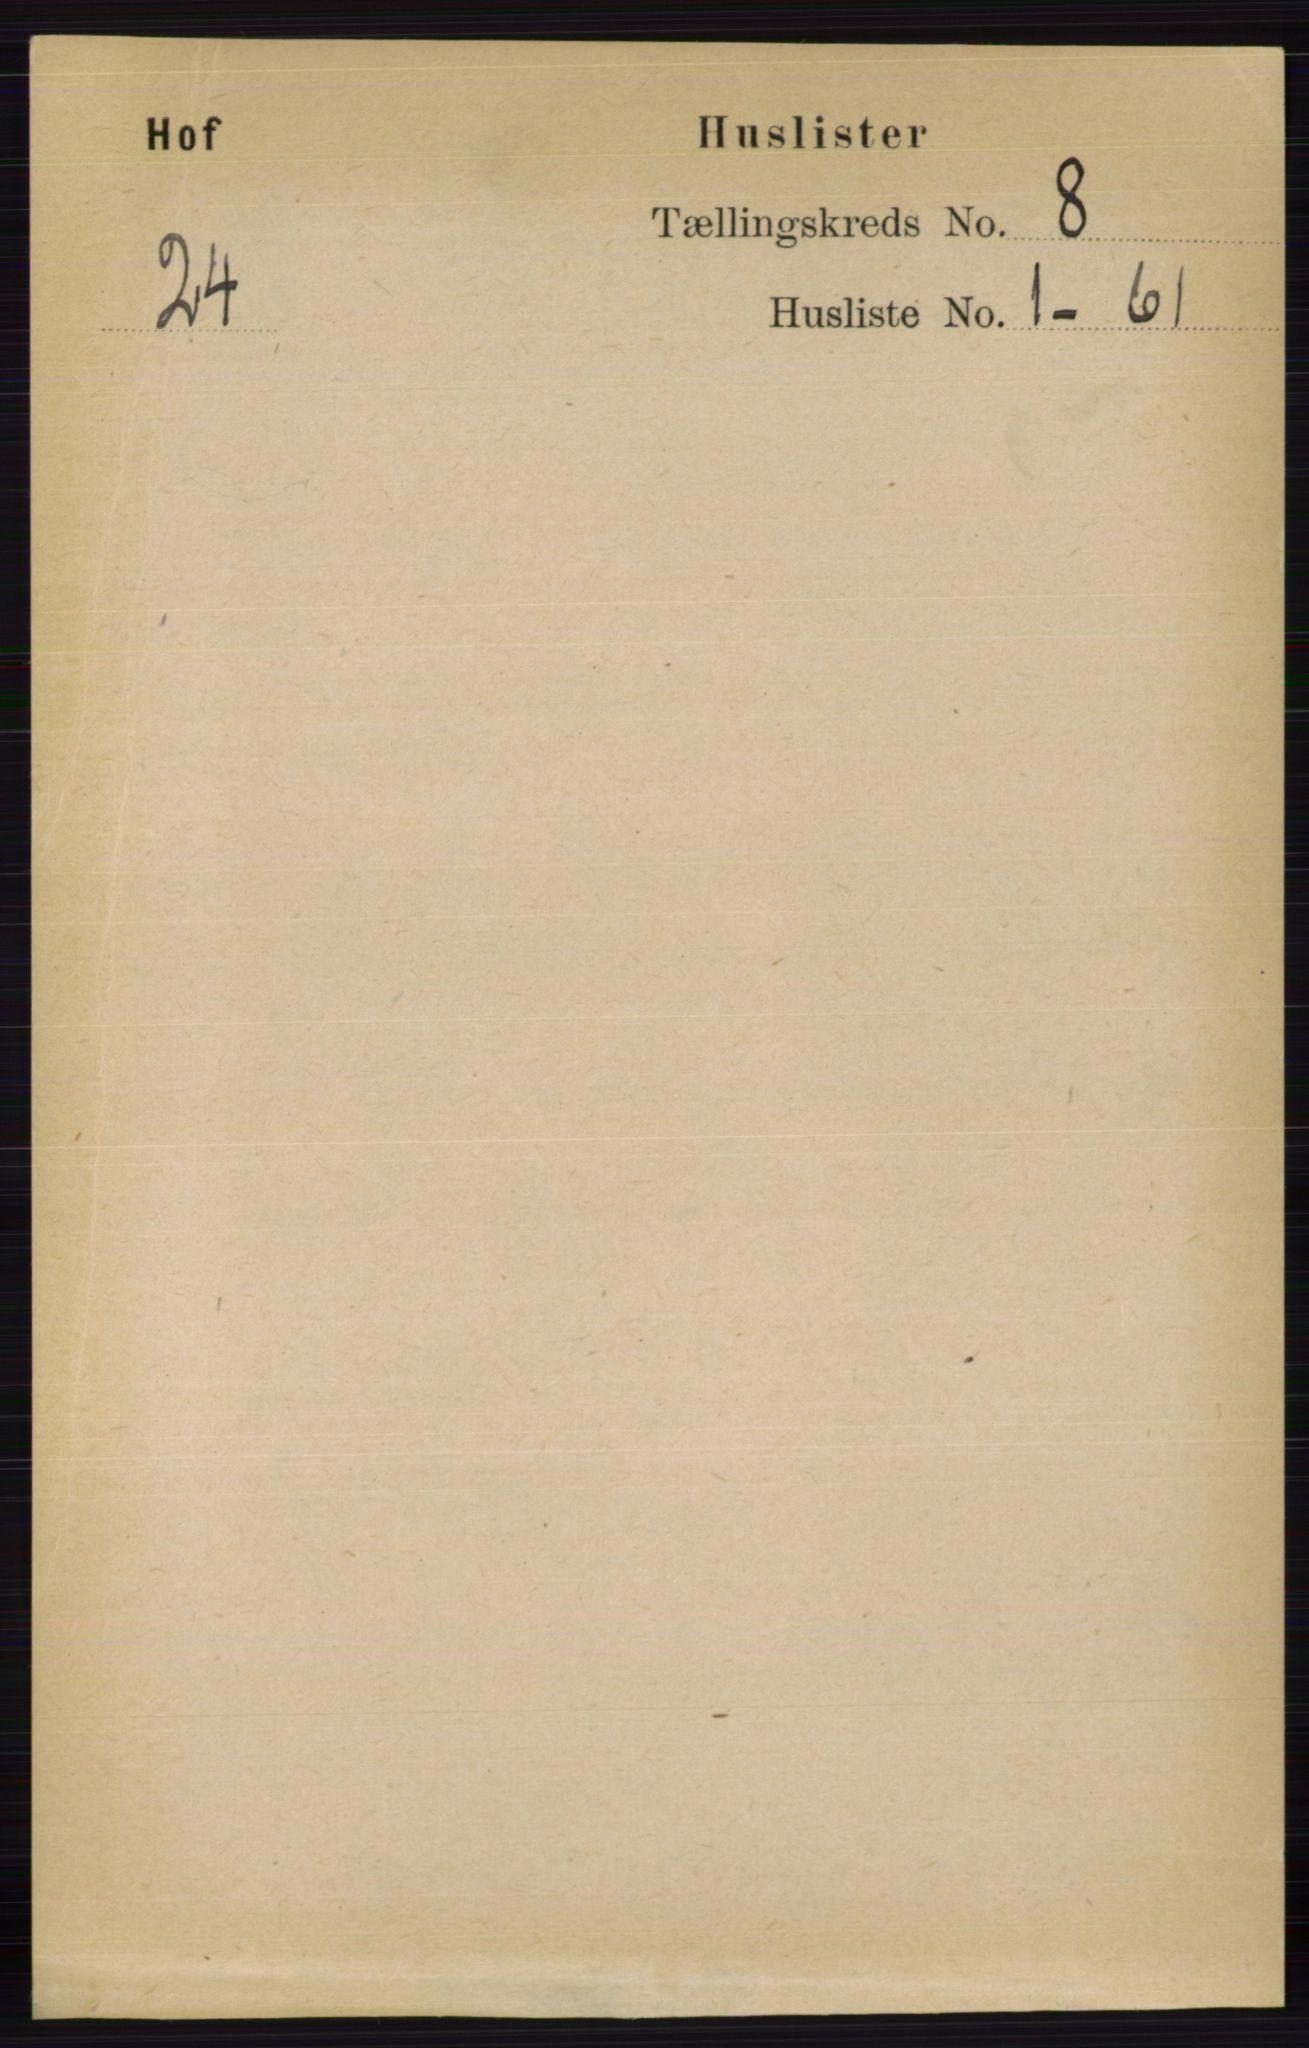 RA, Folketelling 1891 for 0424 Hof herred, 1891, s. 3144